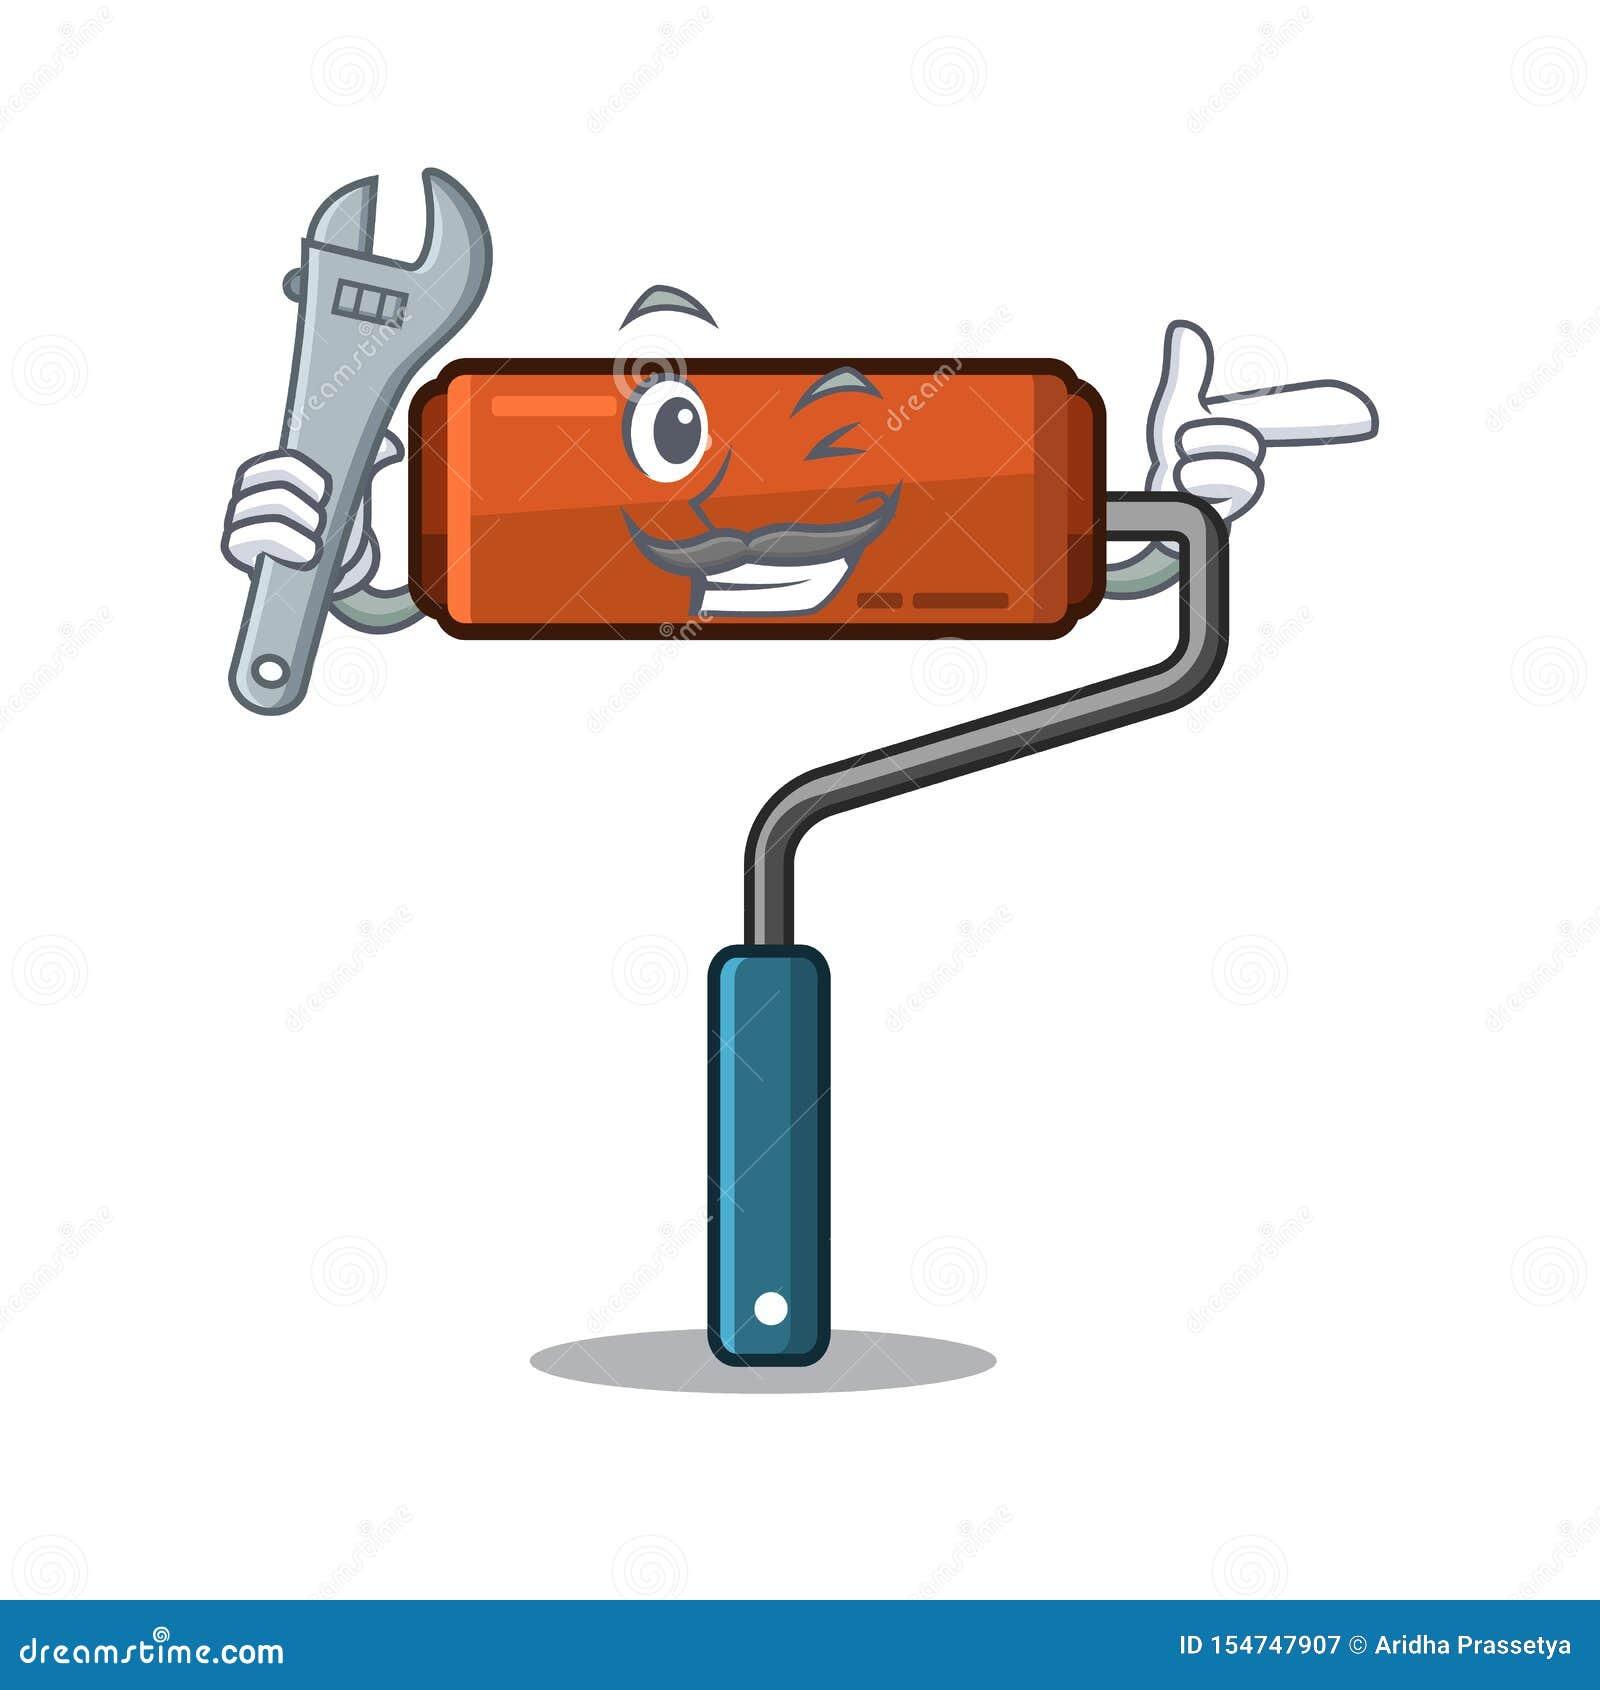 Cartoon Toolbox